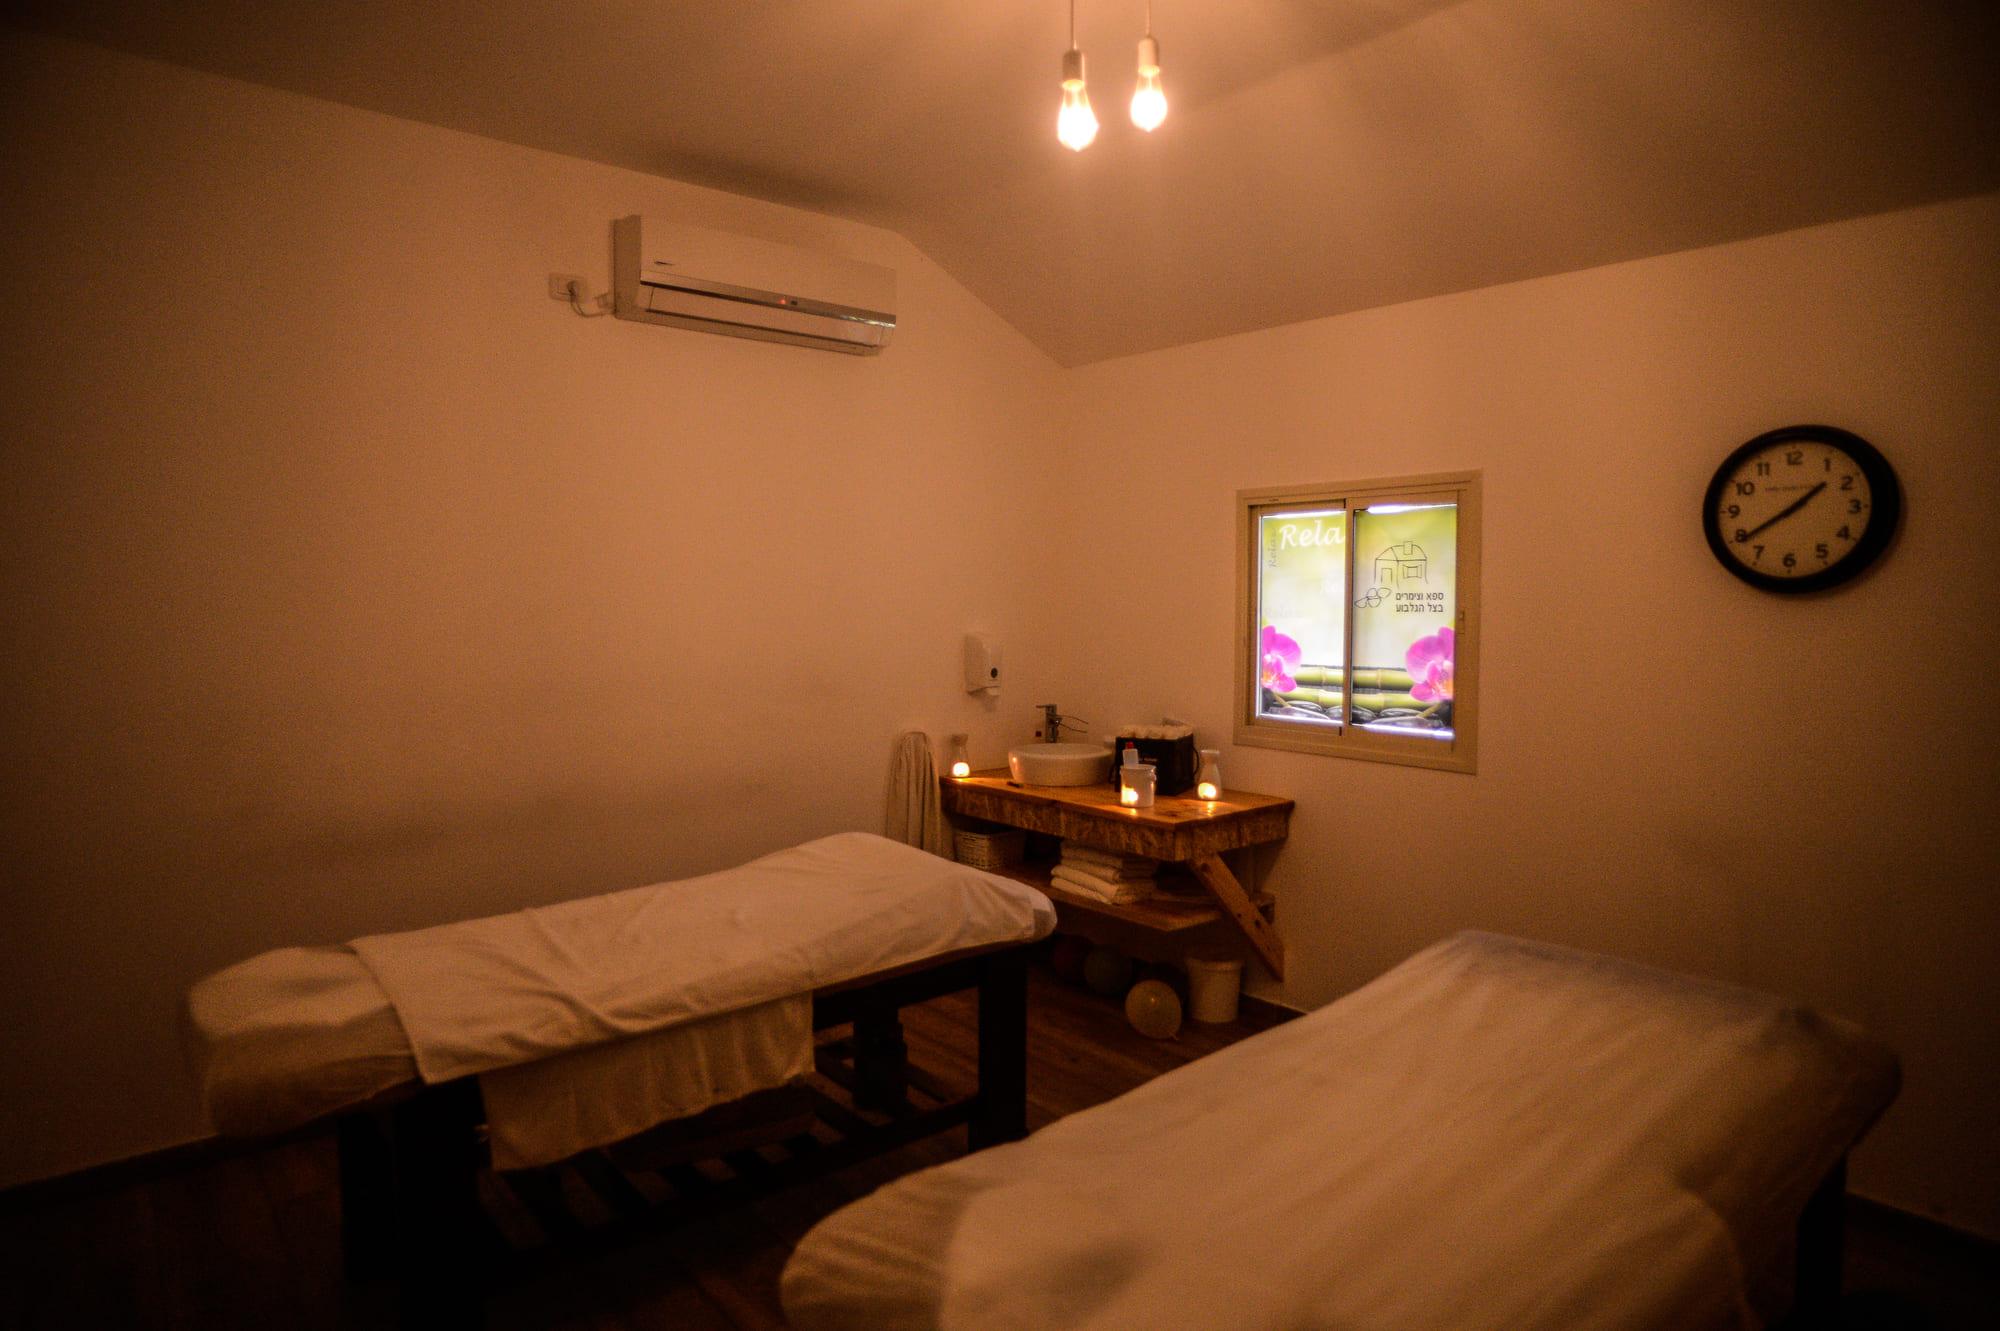 חדר הטיפולים בספא בצל הגלבוע מכיל: 2 מיטות, נרות דולקים, כיור לשטיפת ידיים, מגבות.